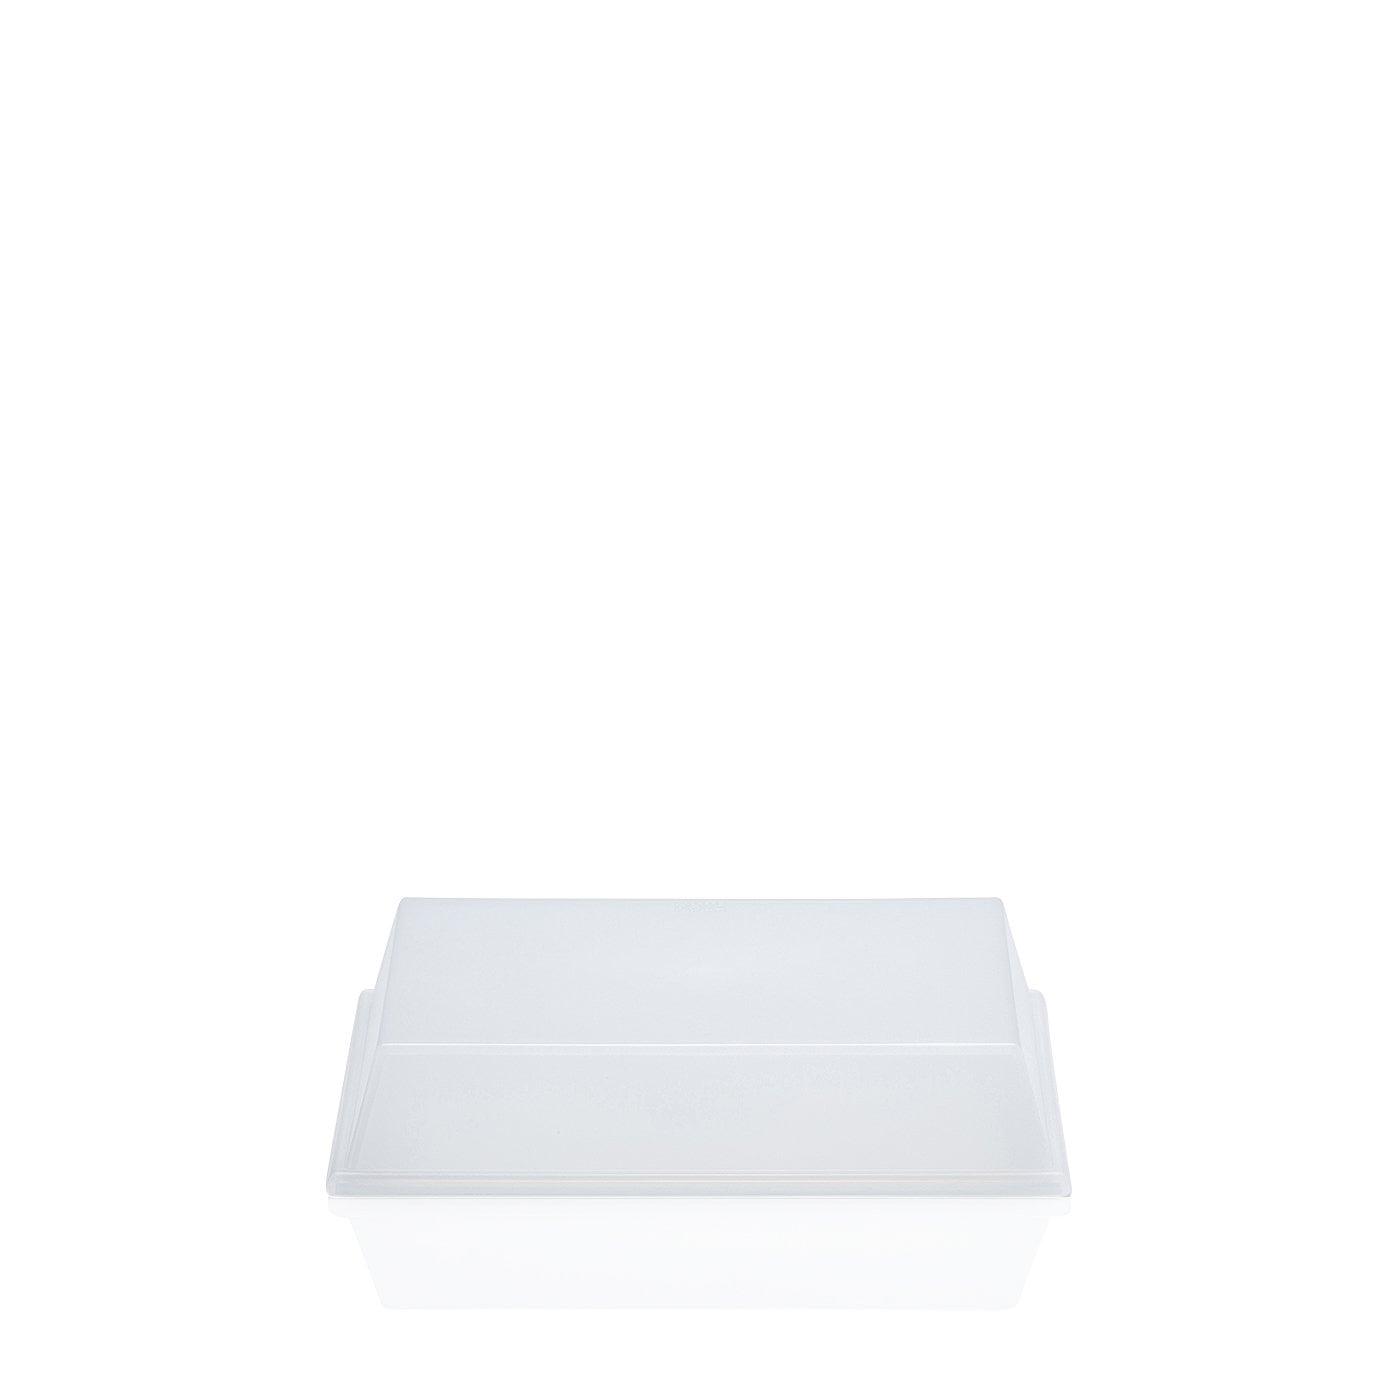 Cloche 15 x 20 cm